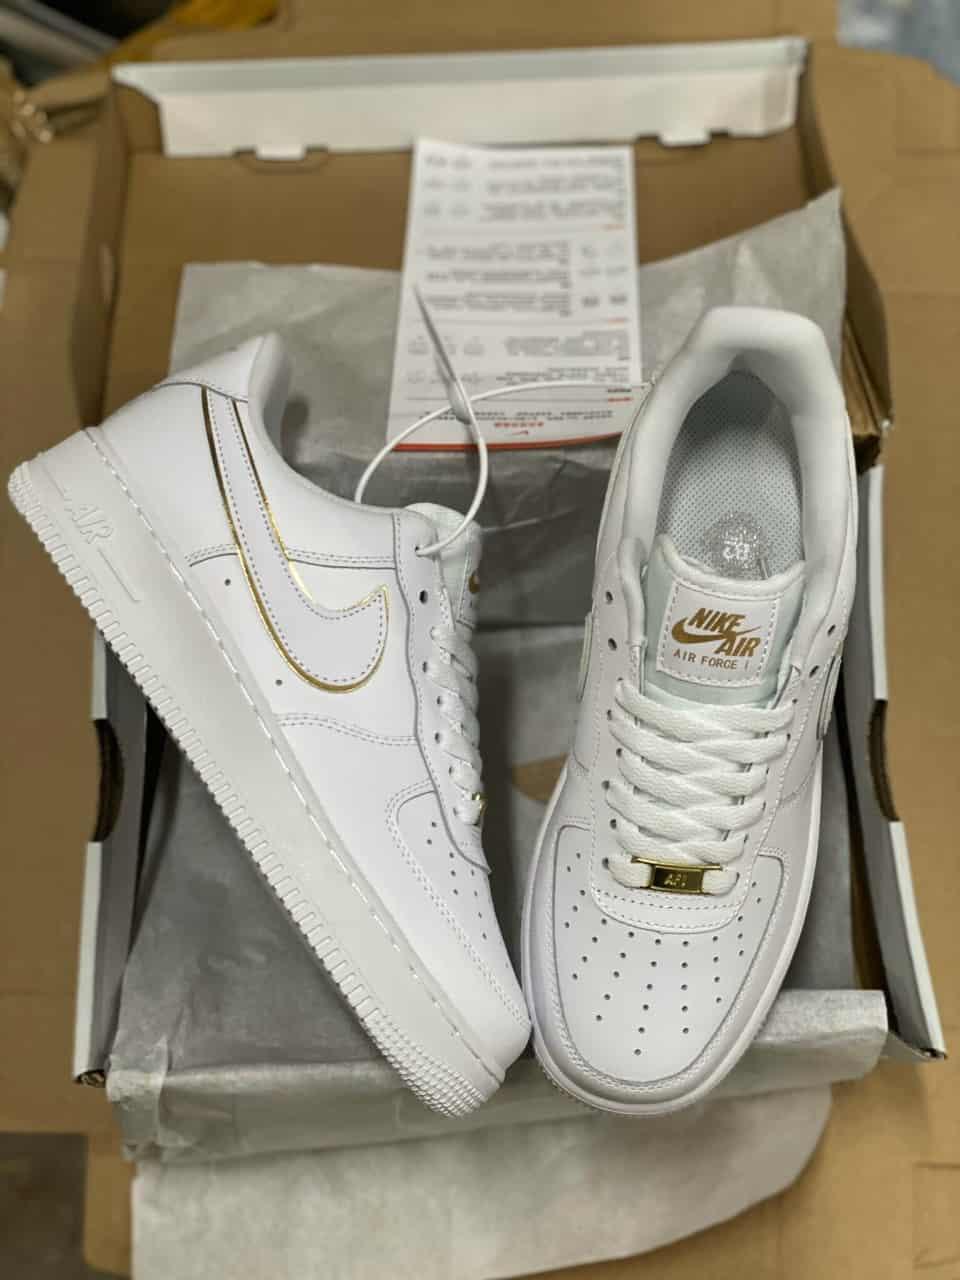 Giày Bata Nike Air Force 1 Viền Vàng replica giúp nâng đỡ đôi bàn chân bạn